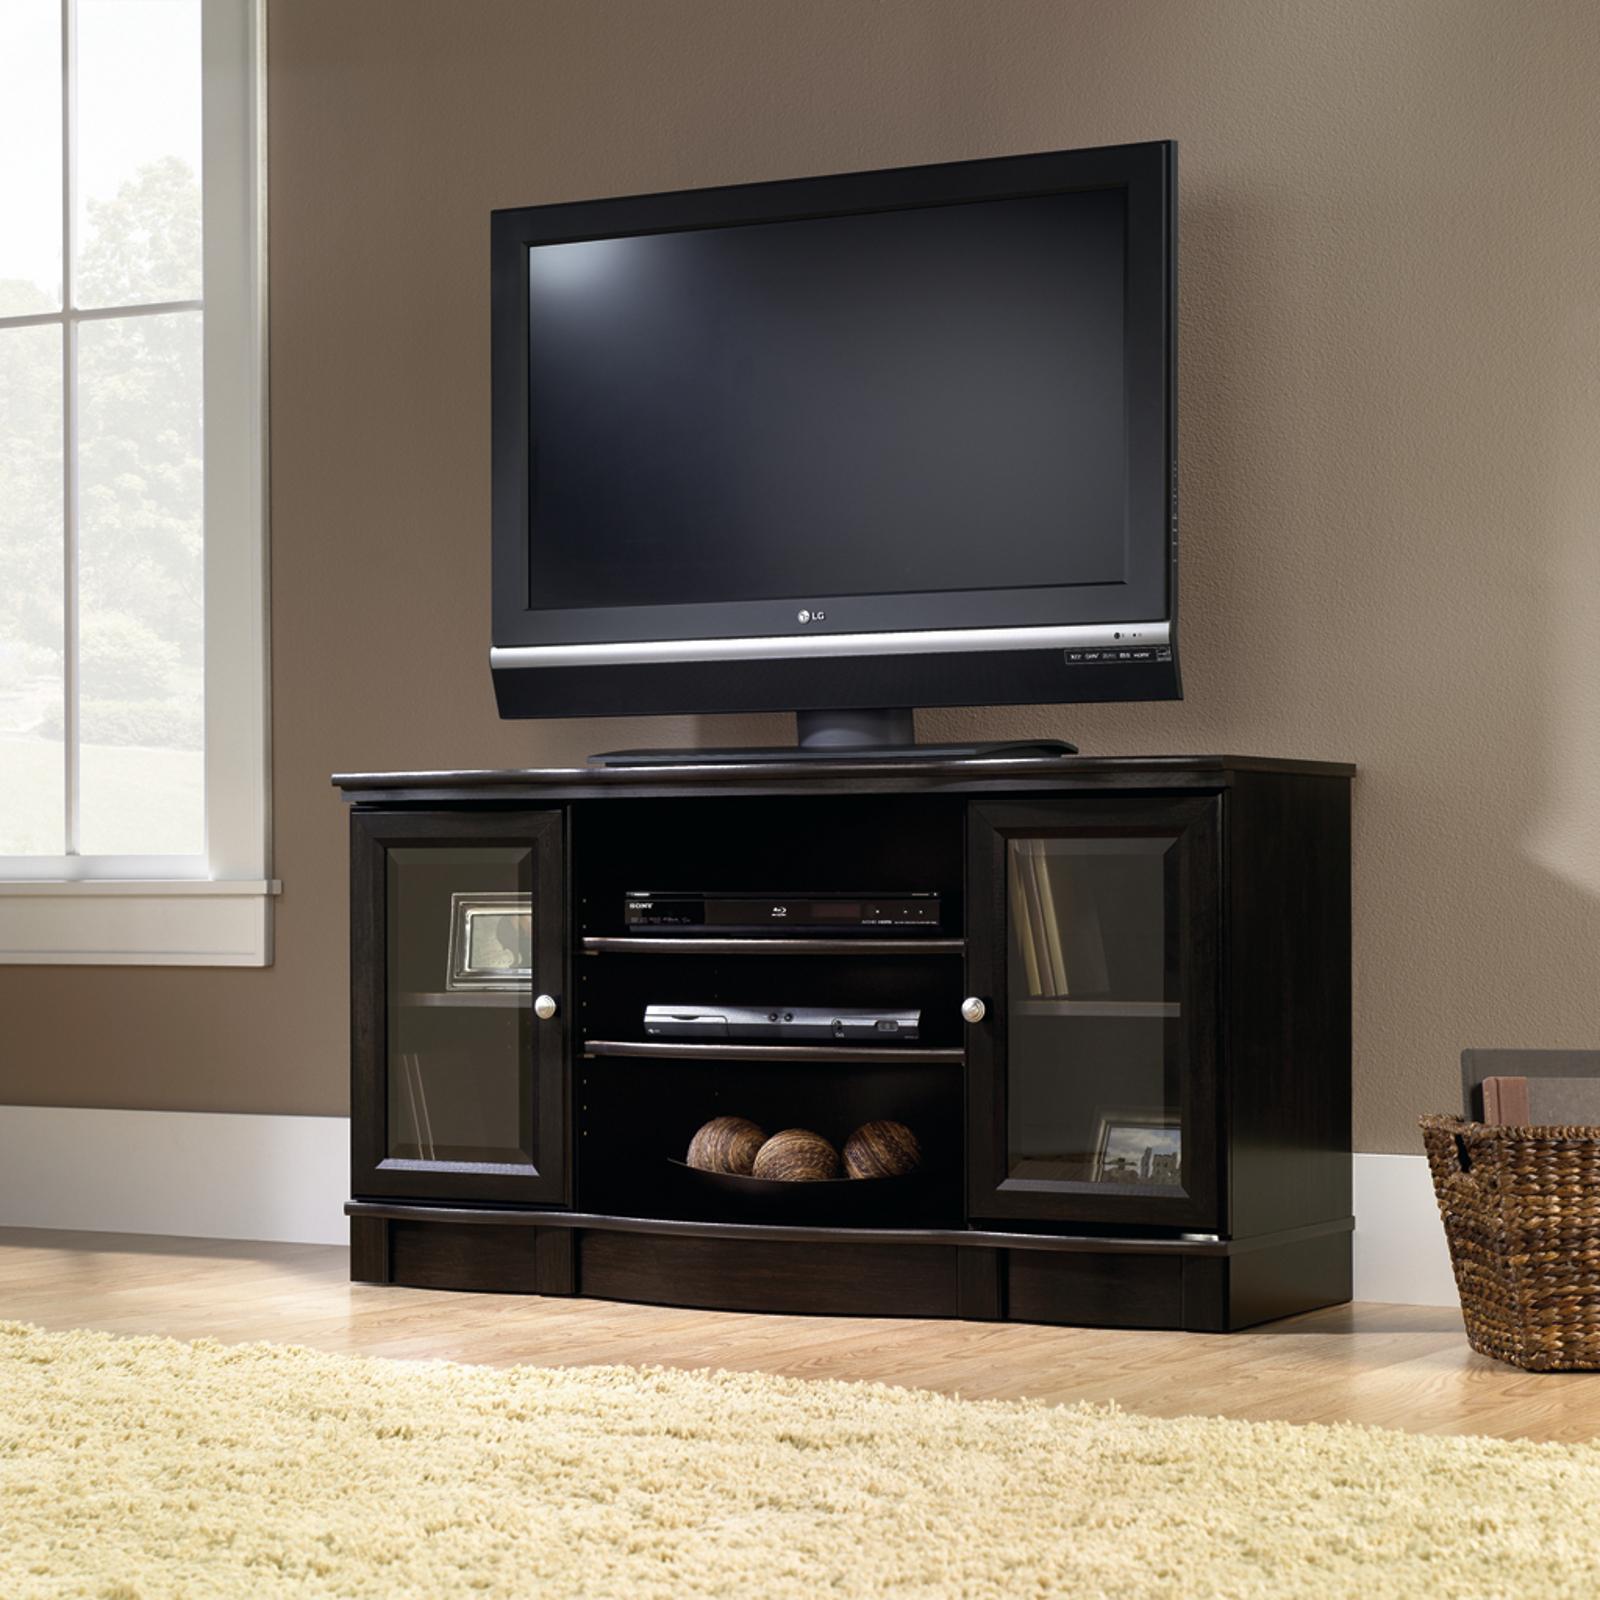 Sauder Black Regent Place Panel TV Stand